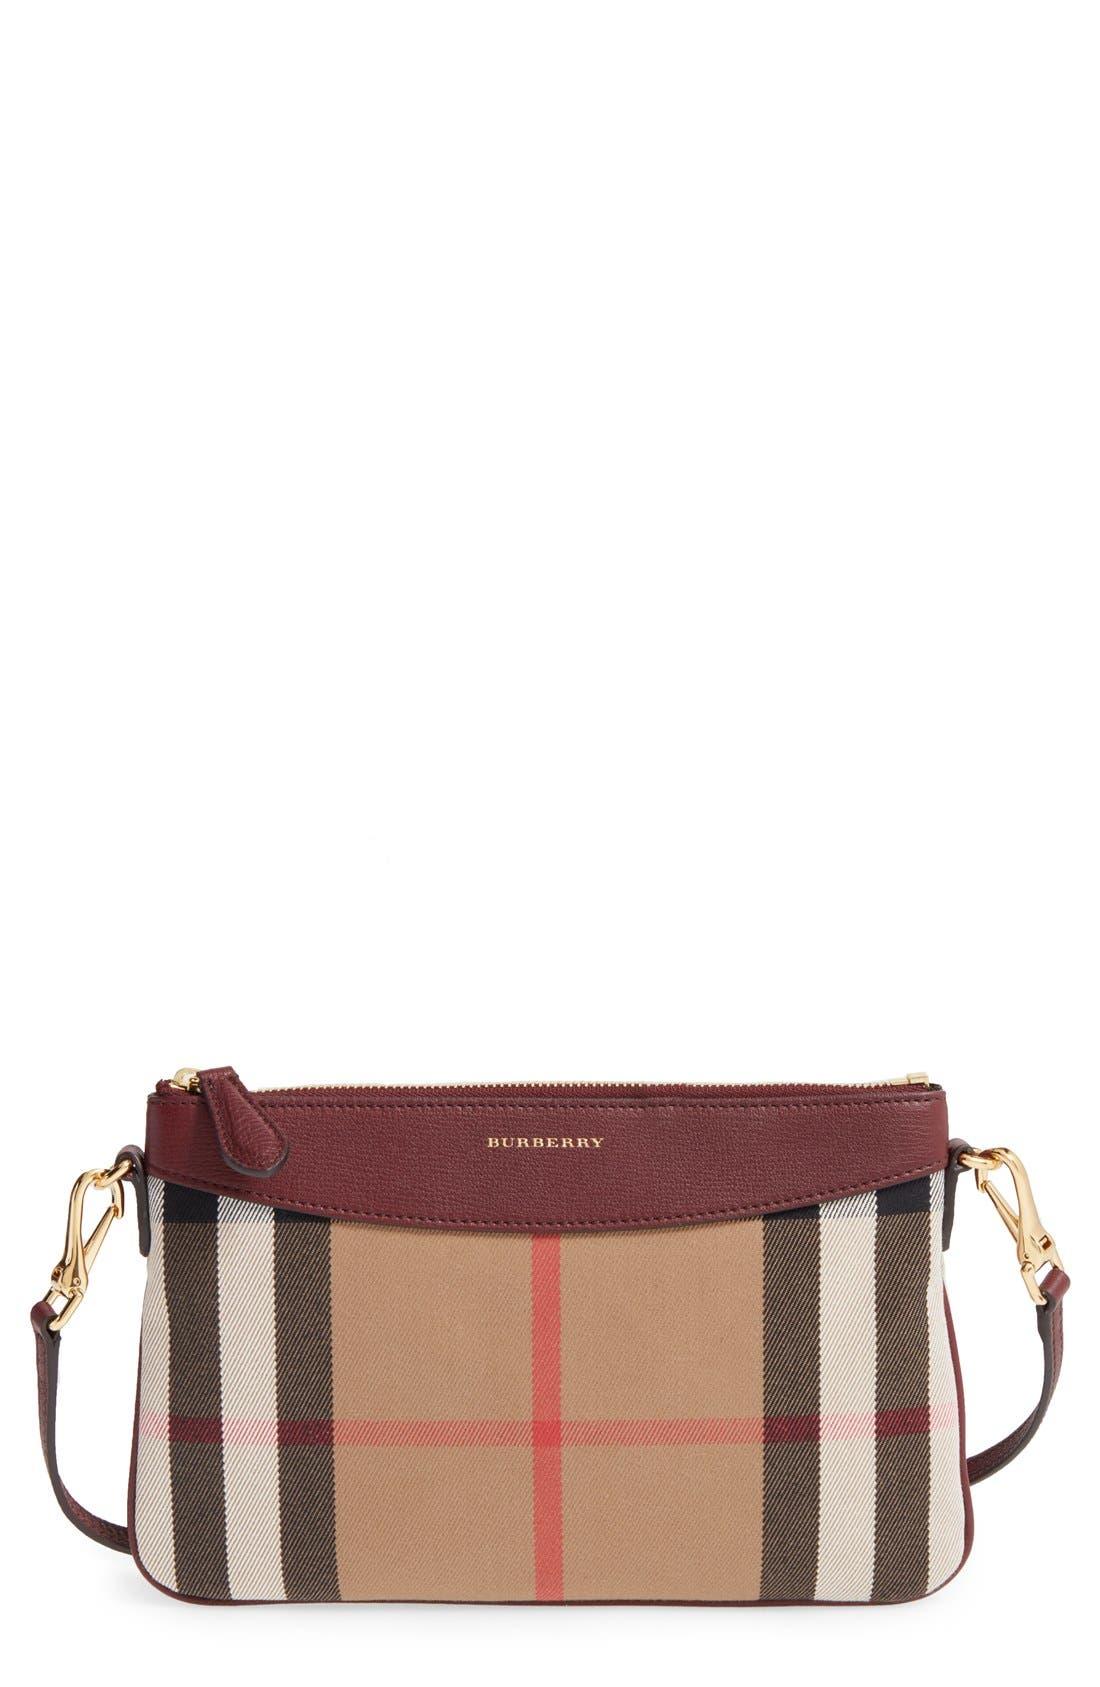 Burberry 'Peyton - House Check' Crossbody Bag